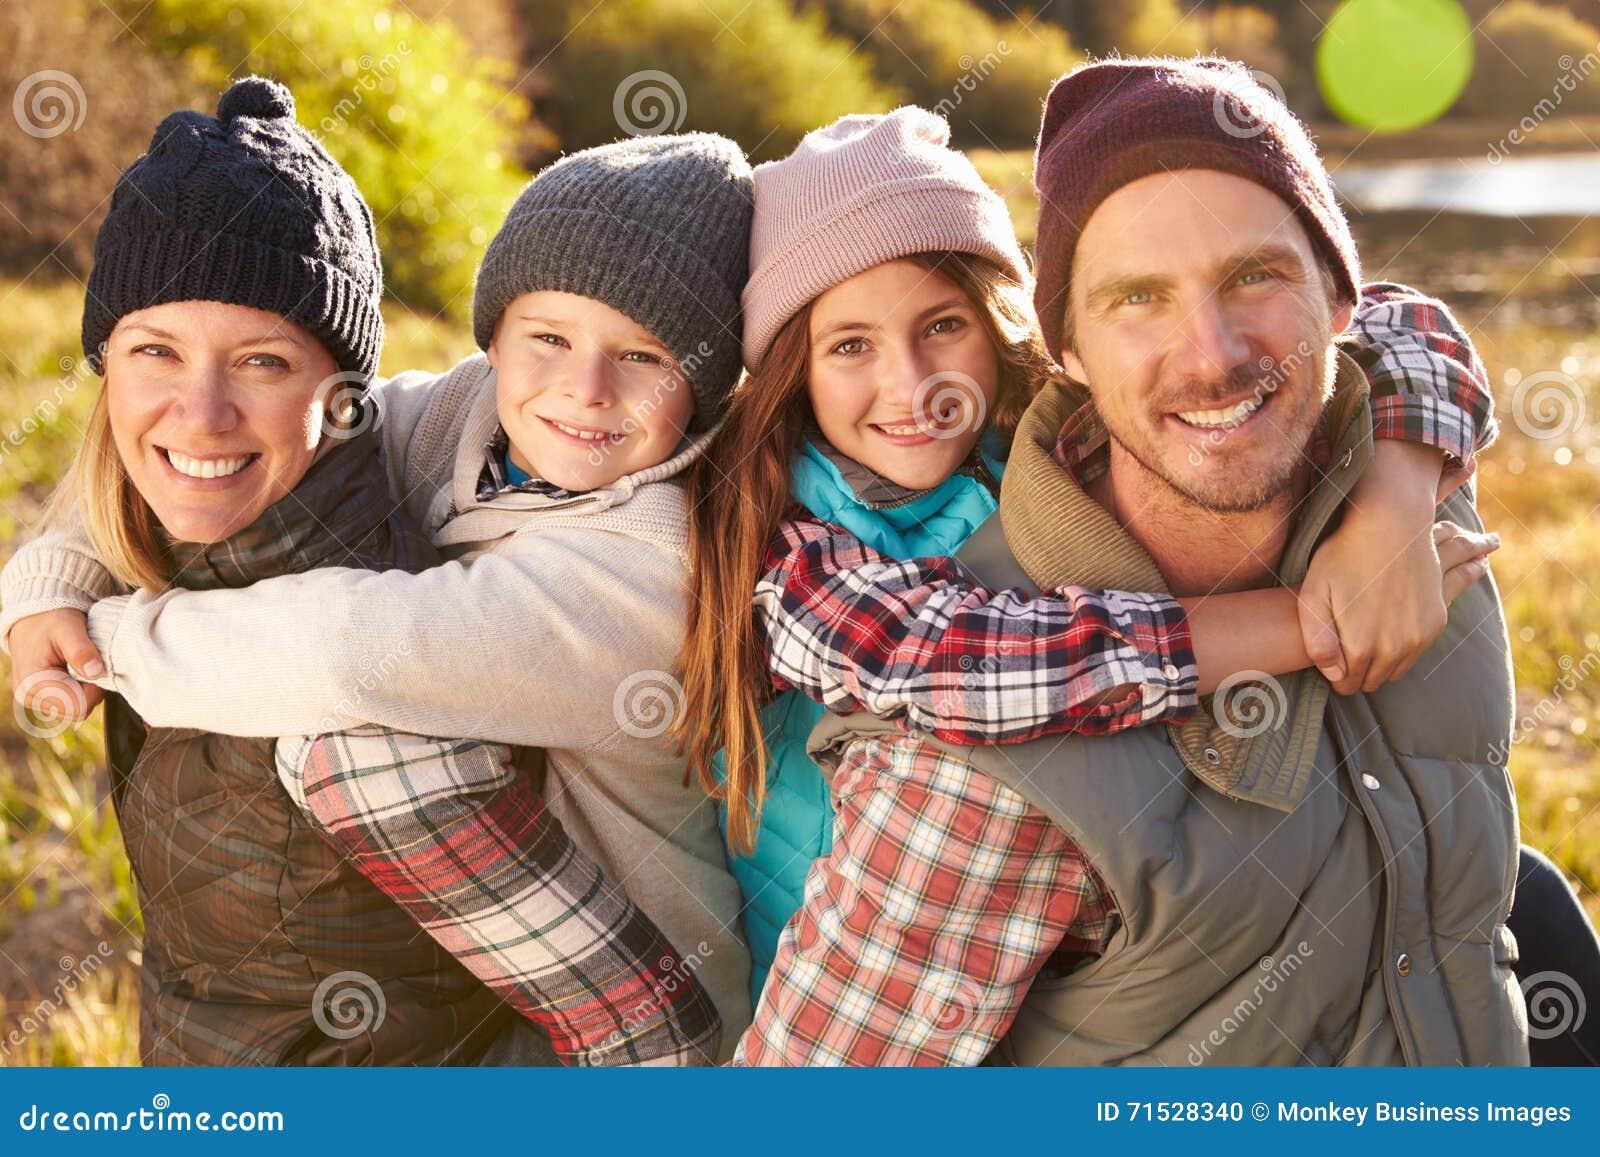 Портрет семьи, озеро блеф, Big Bear, Калифорния, США